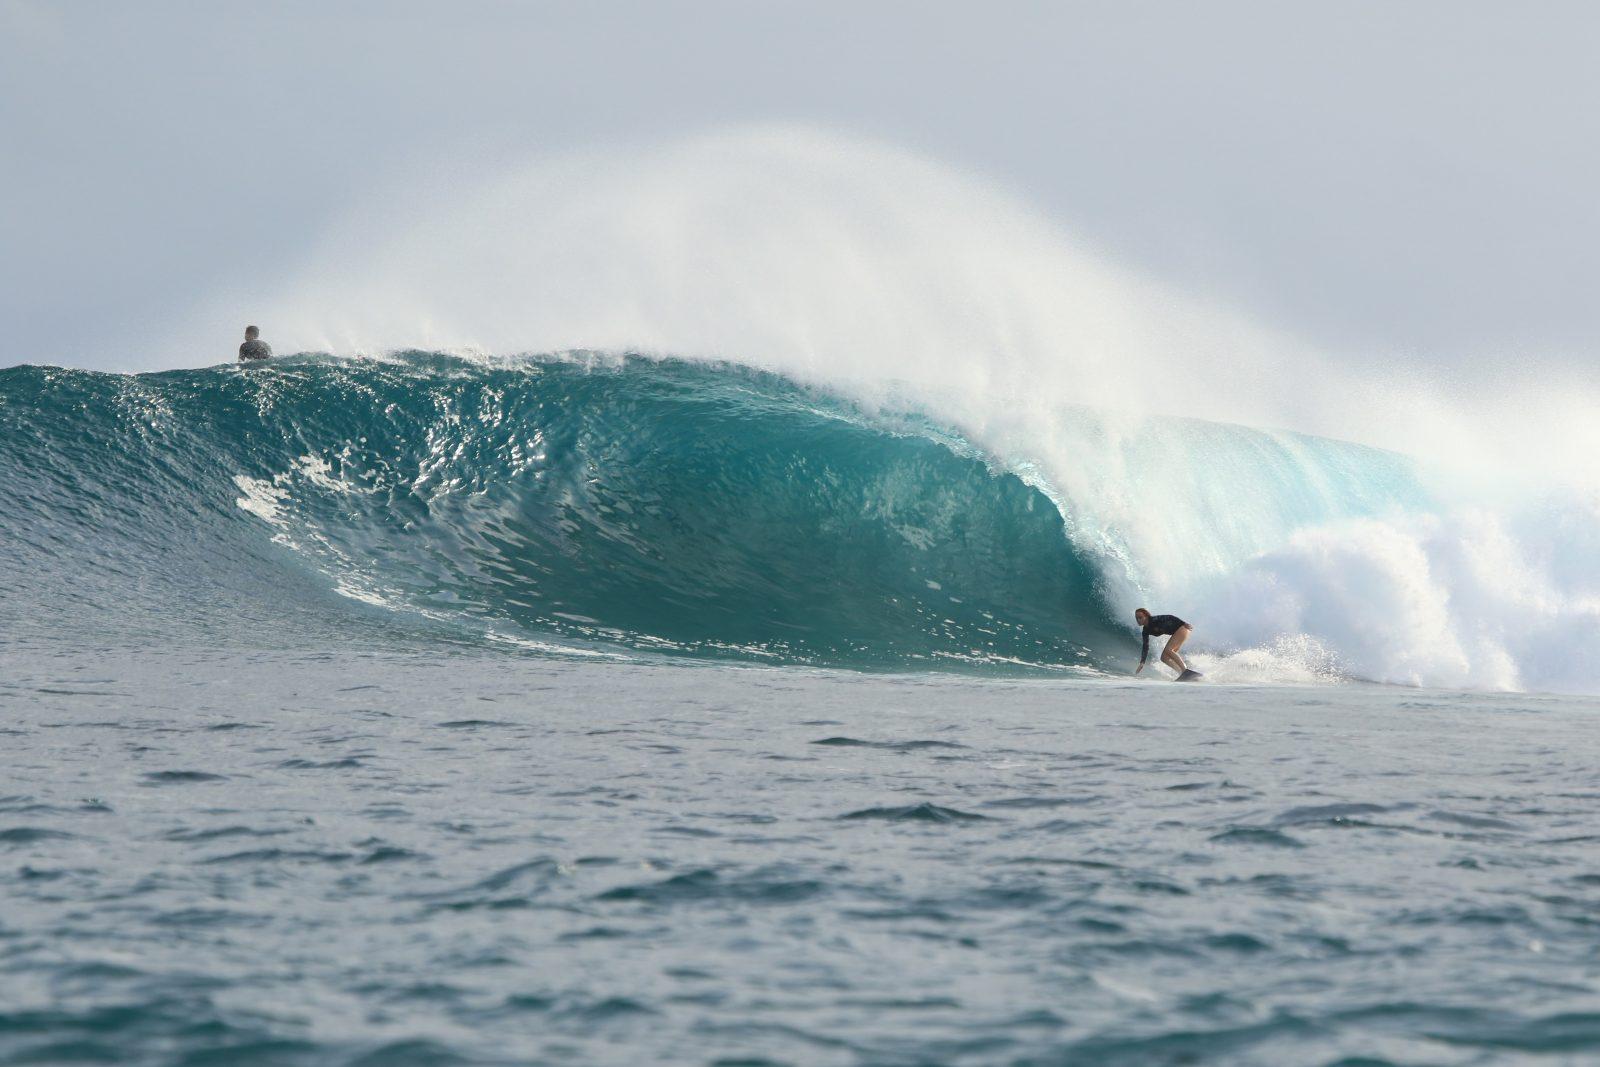 SurfSista Meets: Grace Doyle, Billabong Team Rider